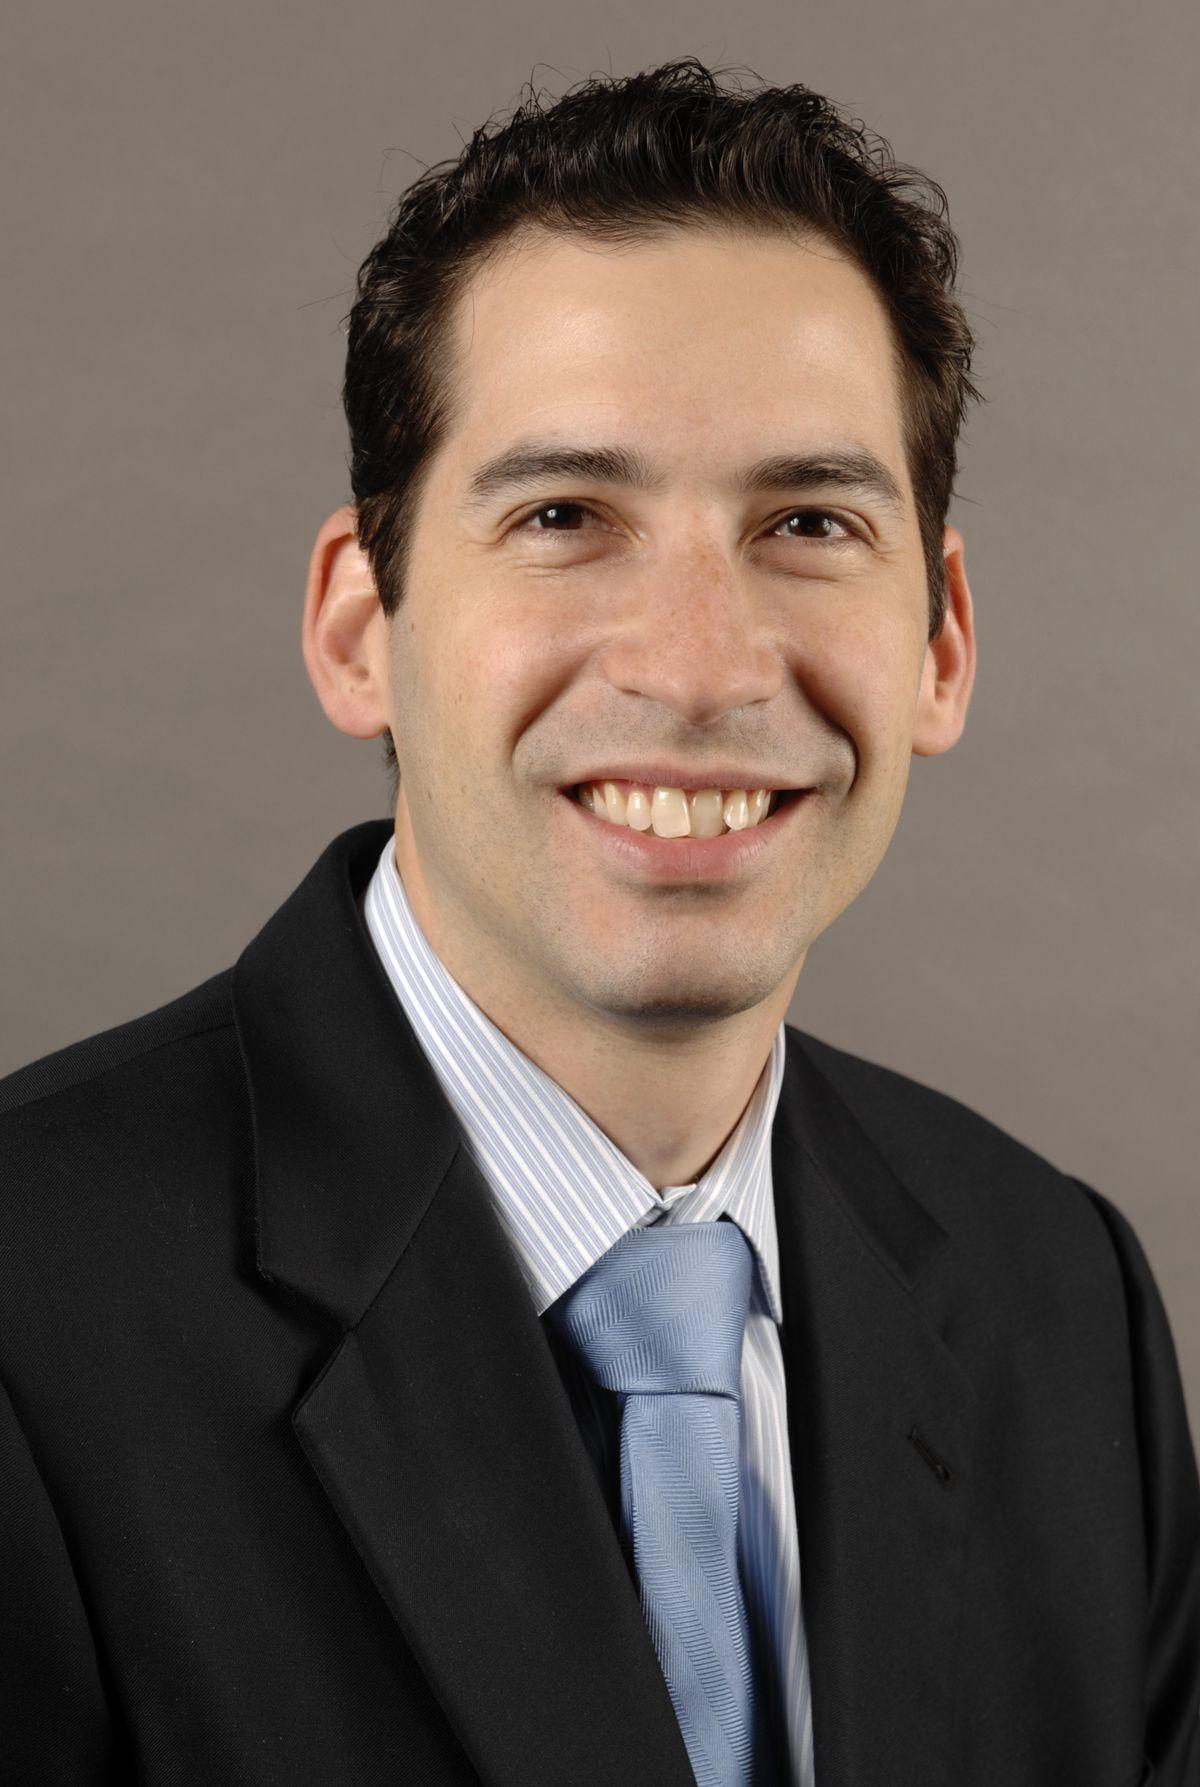 Meet Mass. Eye and Ear's Dr. Michael S. Cohen! Docs